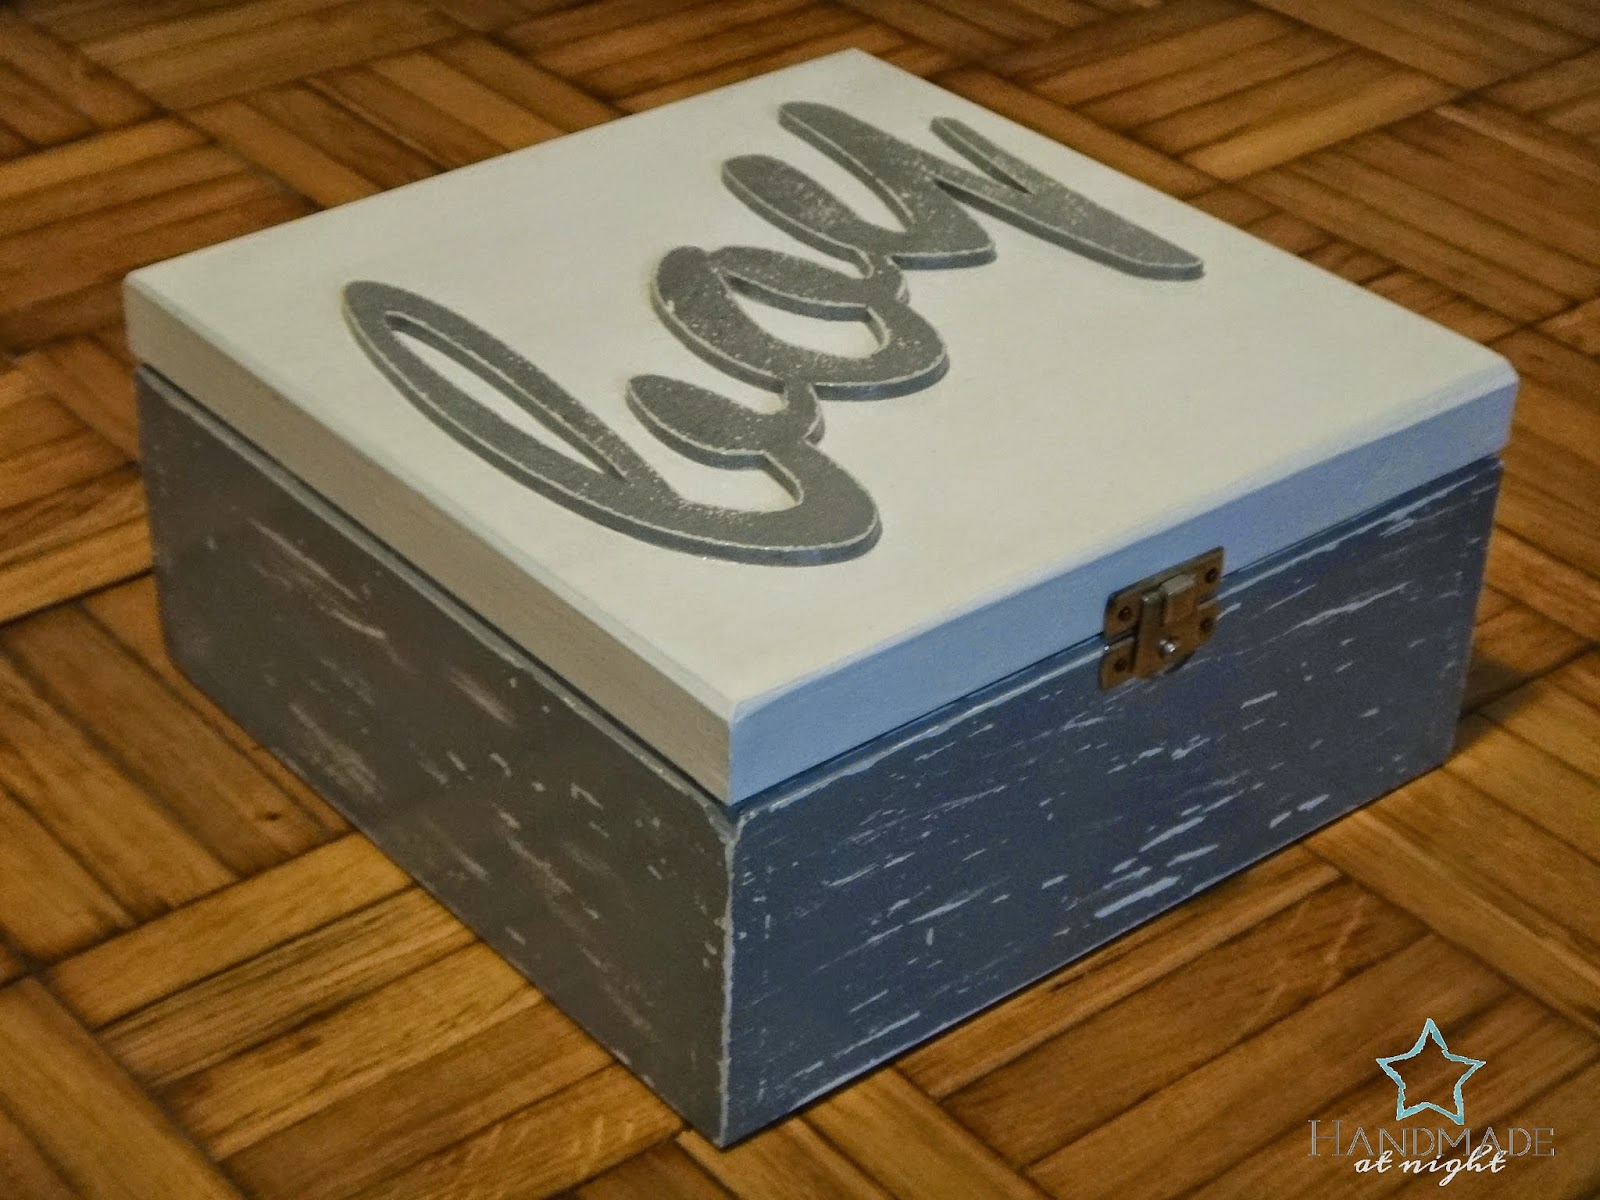 box for boy, for boy, pudełko dla chłopca, pudełko, przecierane, boy